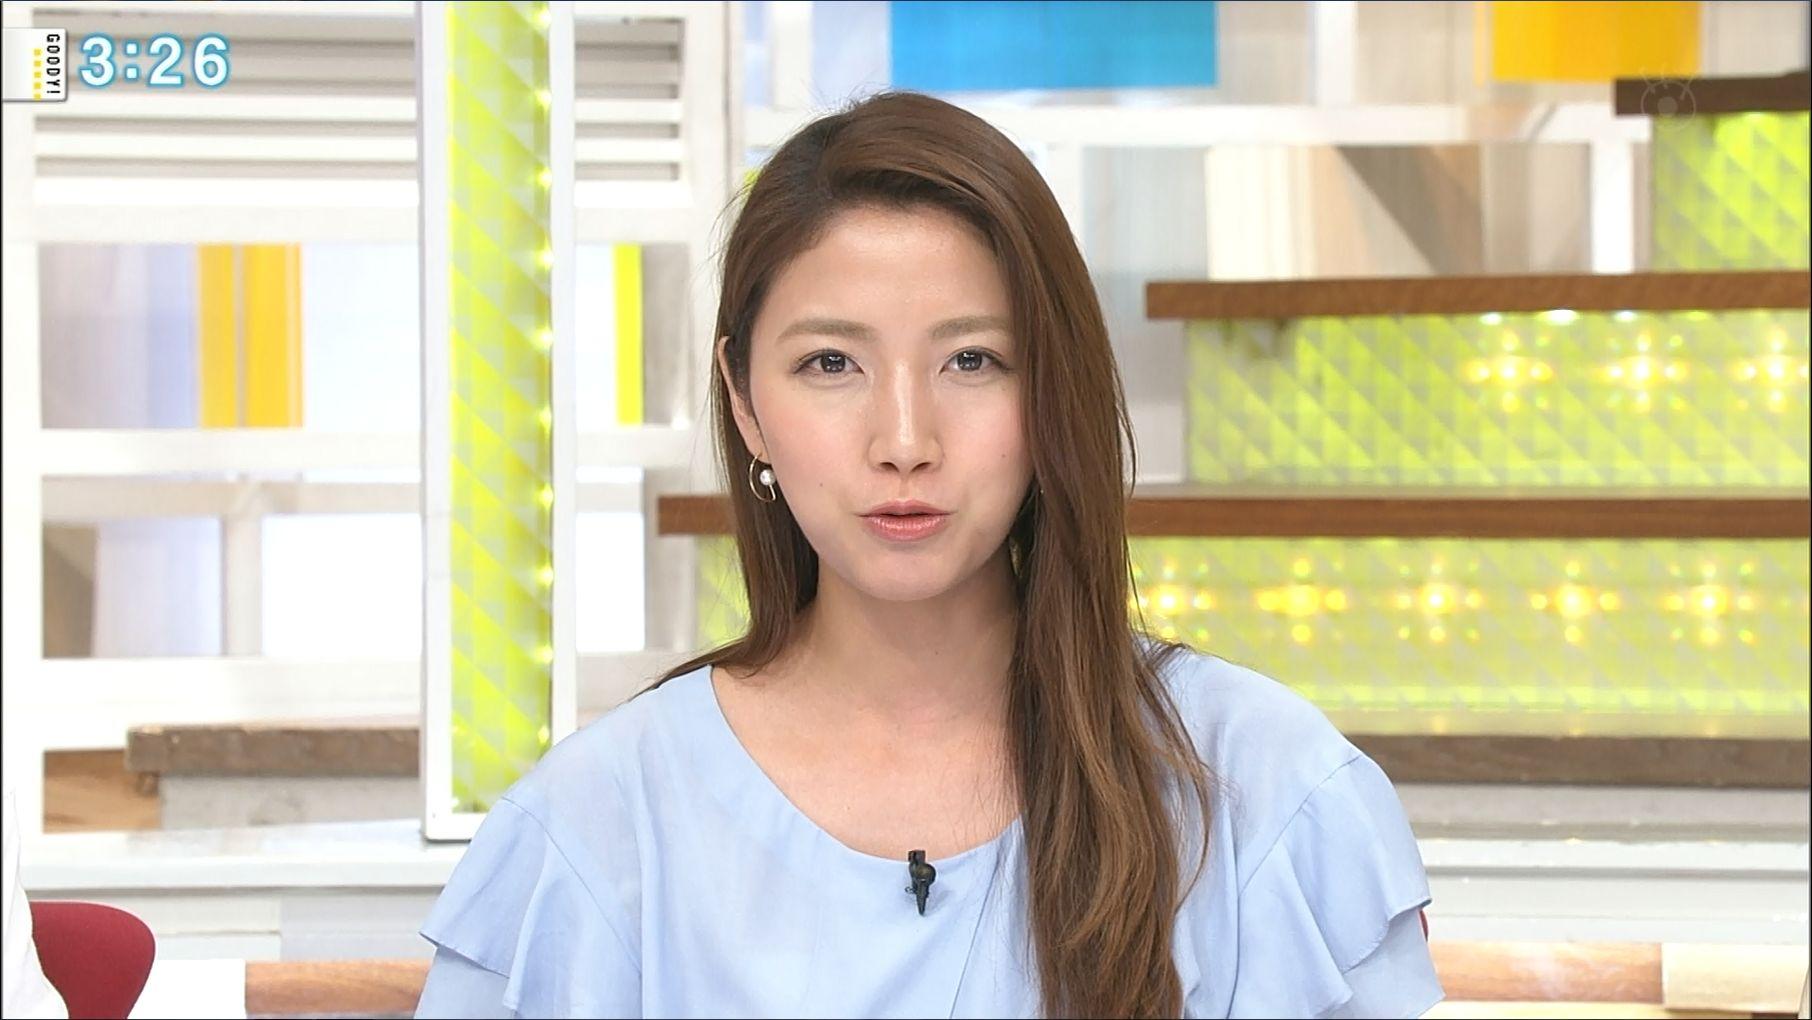 長髪の三田友梨佳